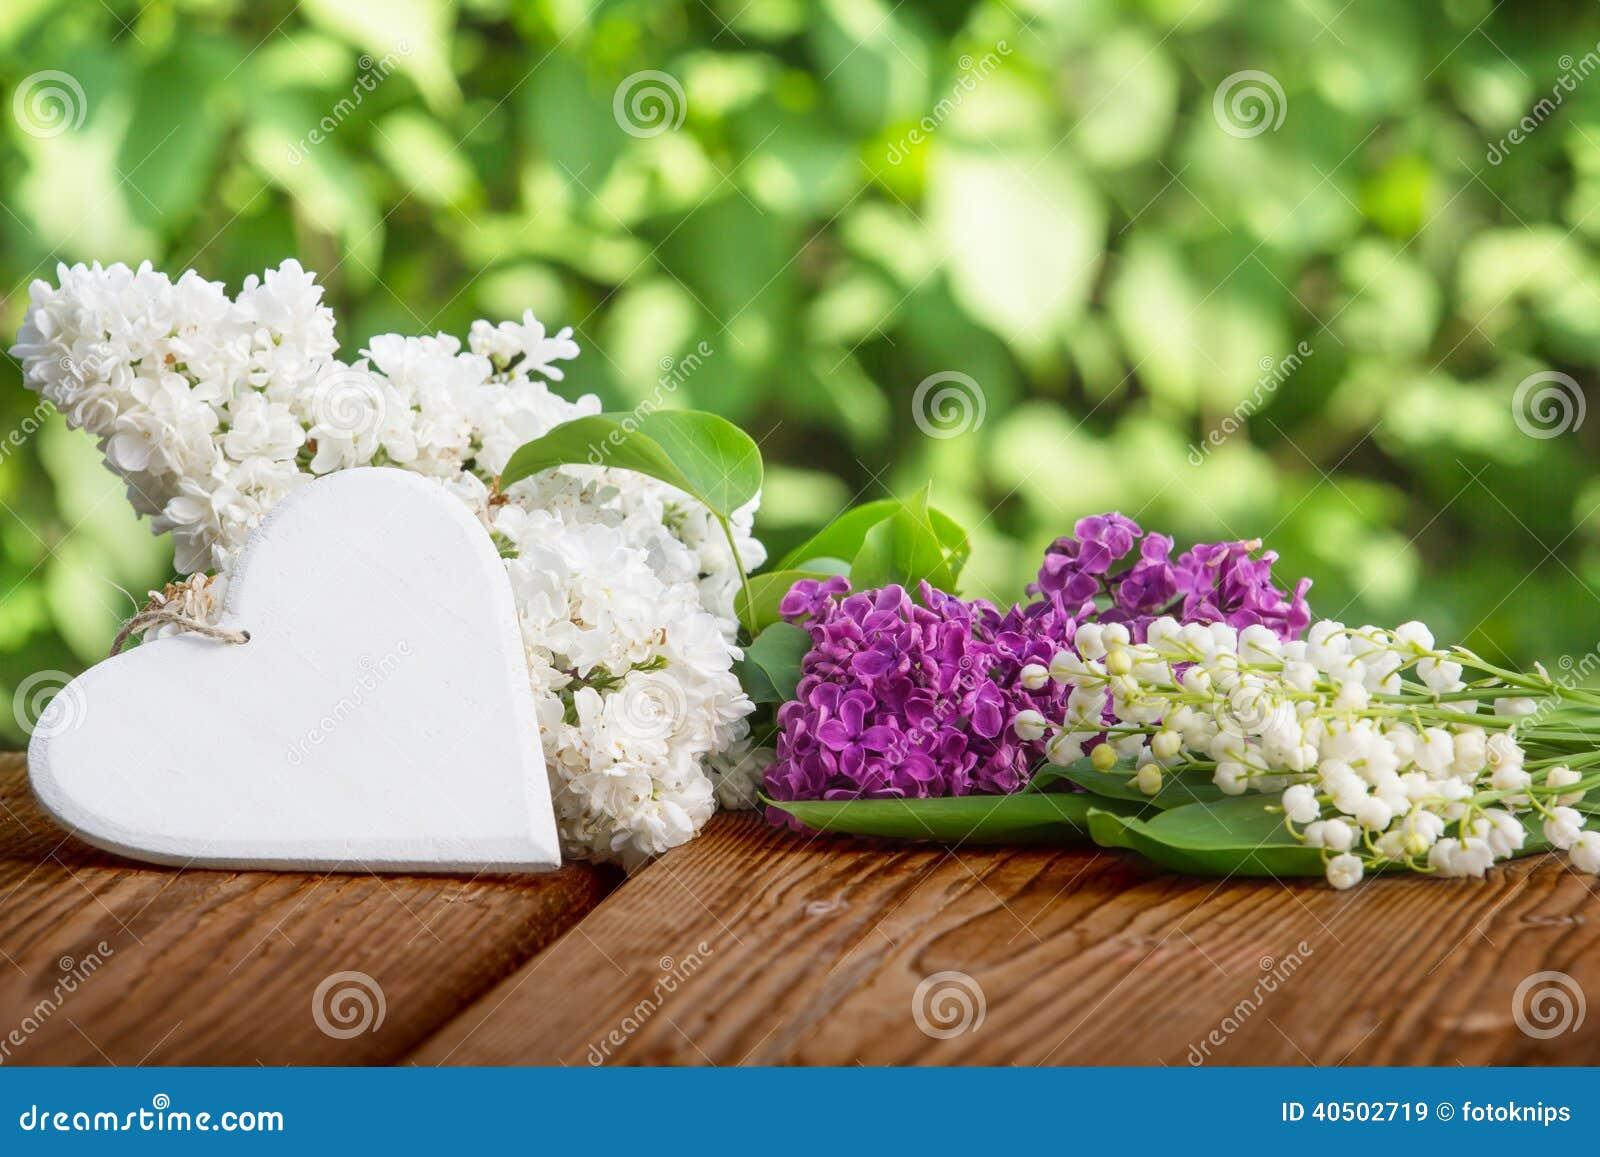 Coeur contre le muguet et le lilas image stock image du for Bouquet de fleurs coeur